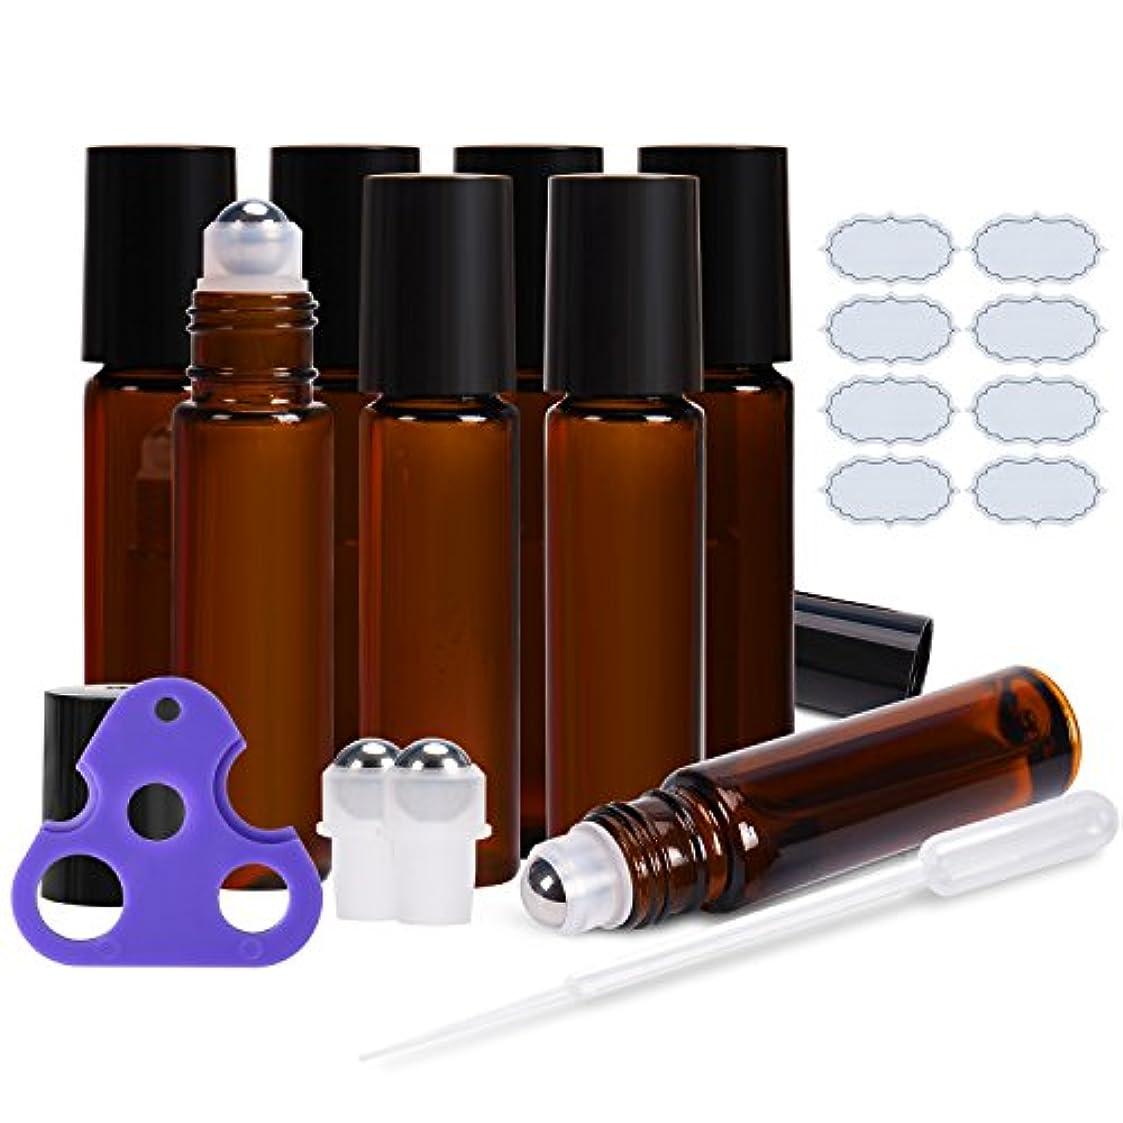 不適当消化器カフェULG ステンレス製 ローラーボール付きボトルガラス空き瓶8枚2個 余分なボールを8枚防水ラベルエッセンシャルオイル 用 1つ オープナーと3ミリリットル ドロッパー ロール 10ミリリットル アンバー